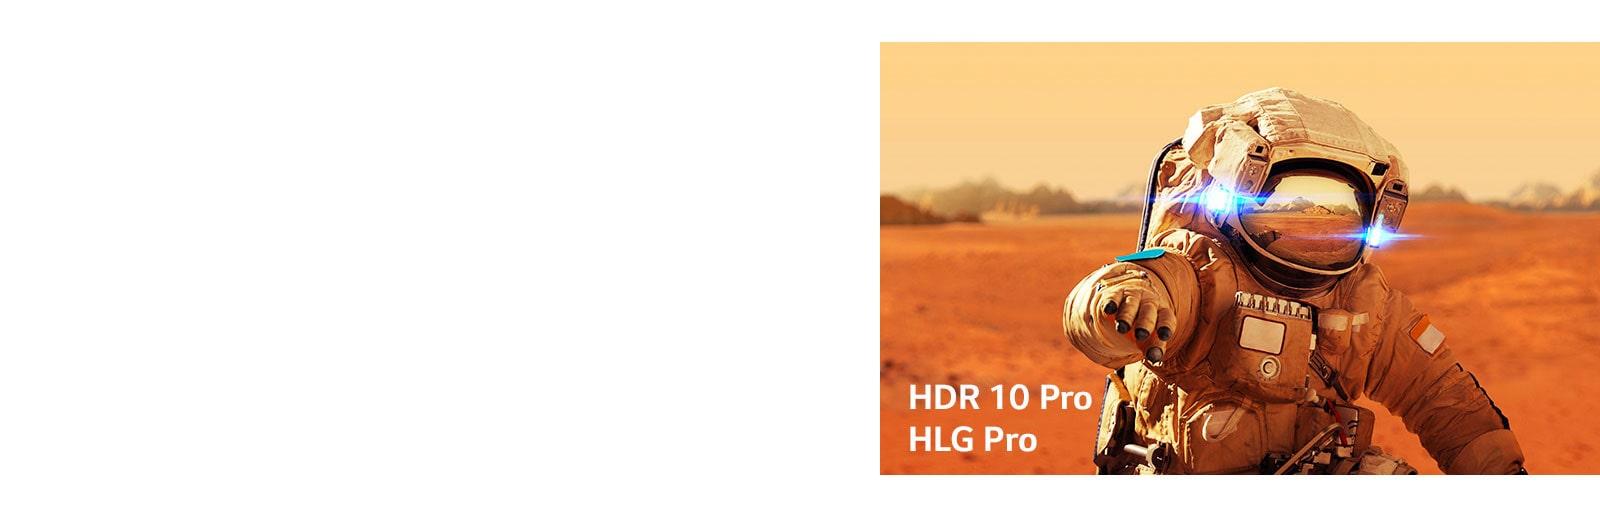 مارفل، آيرون مان، بطاقات العناوين مع شعارات HLG pro و HDR 10 Pro